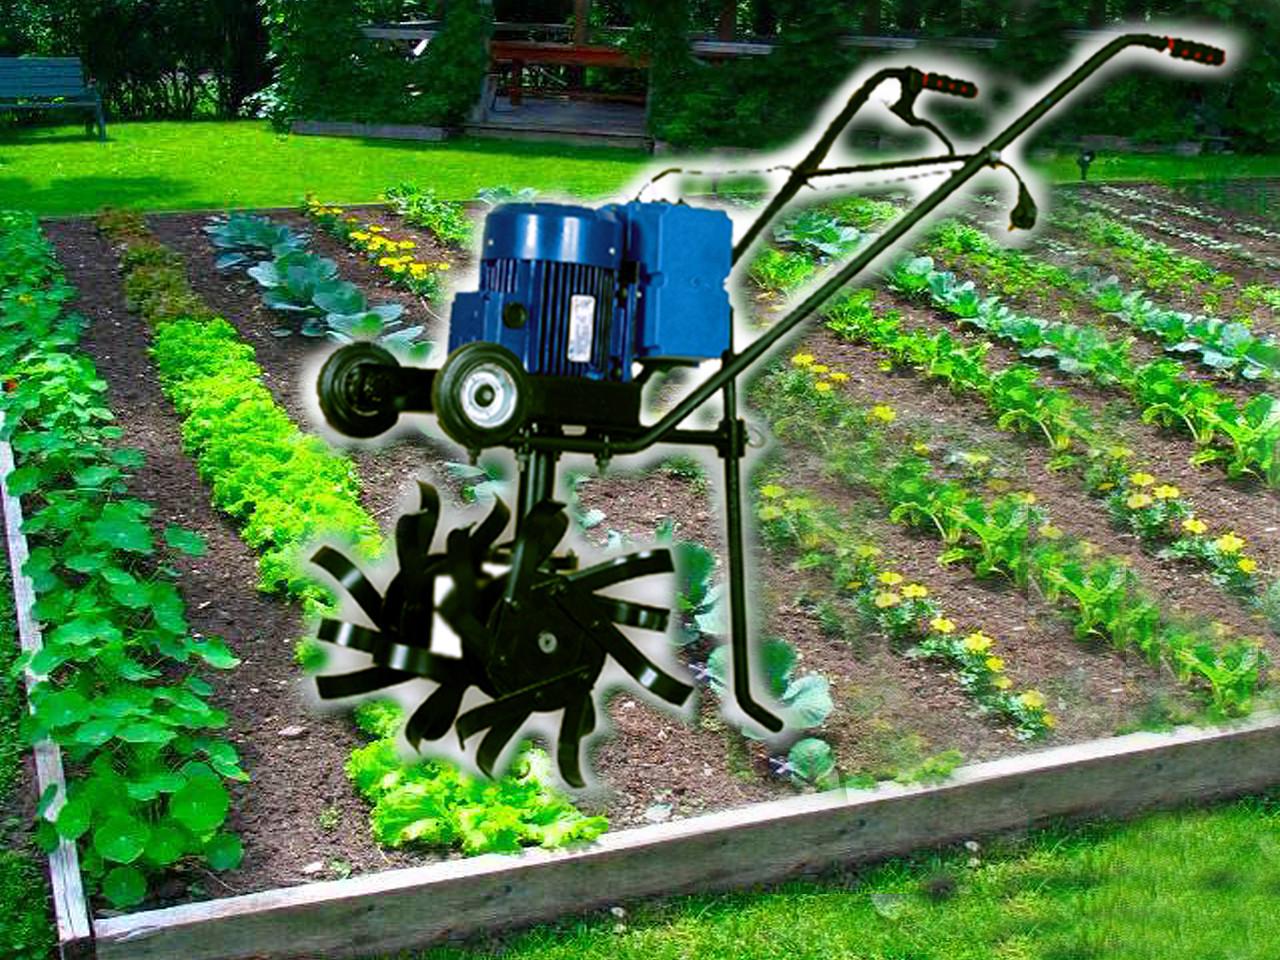 Электрокультиватор ЭК-1 - Домовичок - оборудование для сельского хозяйства в Полтаве